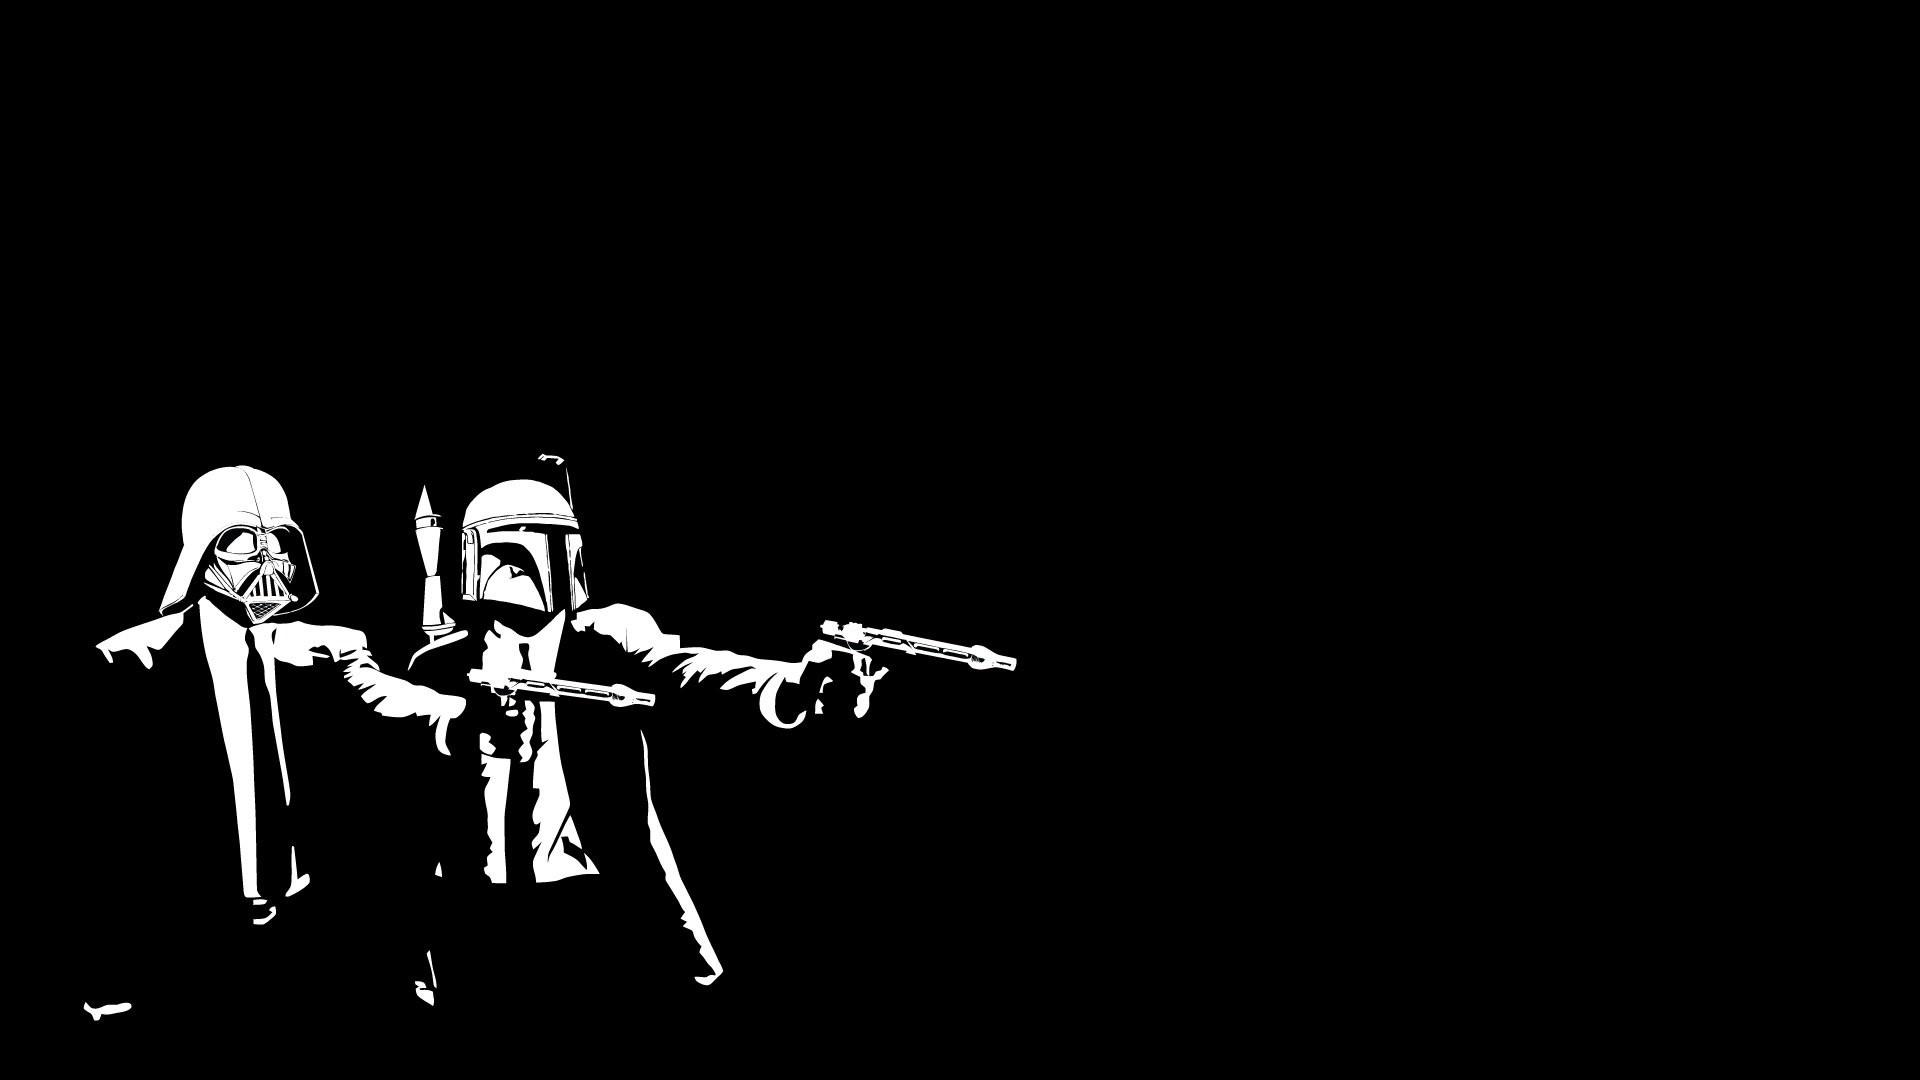 Star Wars Darth Vader Boba Fett The Boondock Saints wallpaper      295103   WallpaperUP